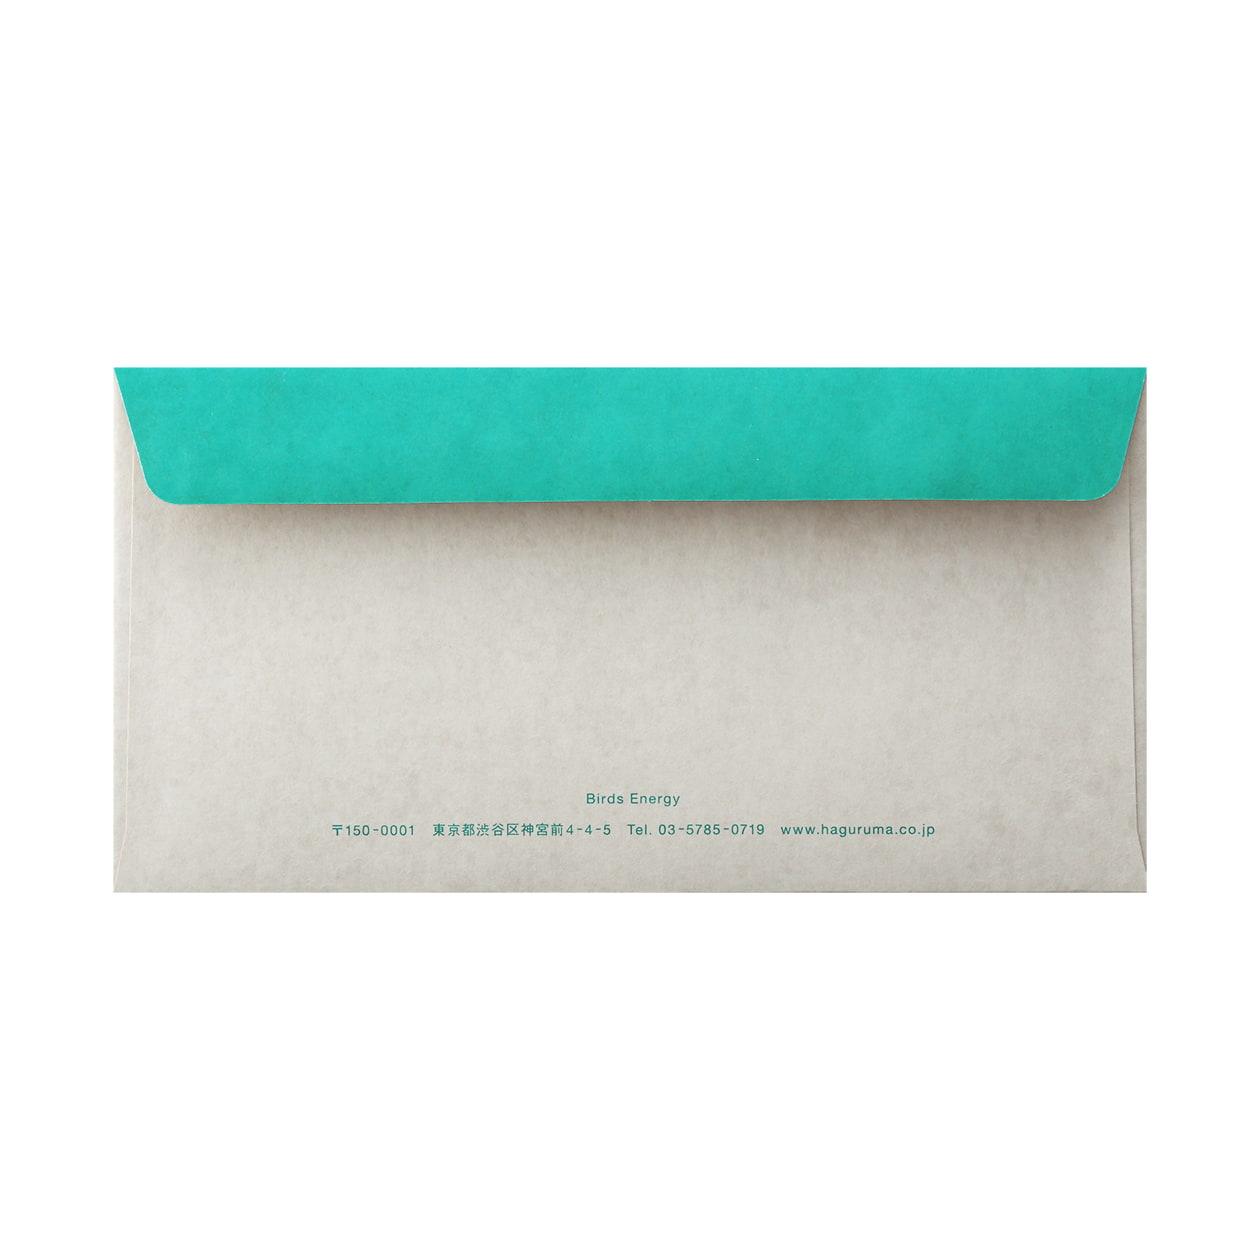 サンプル 封筒・袋 00130